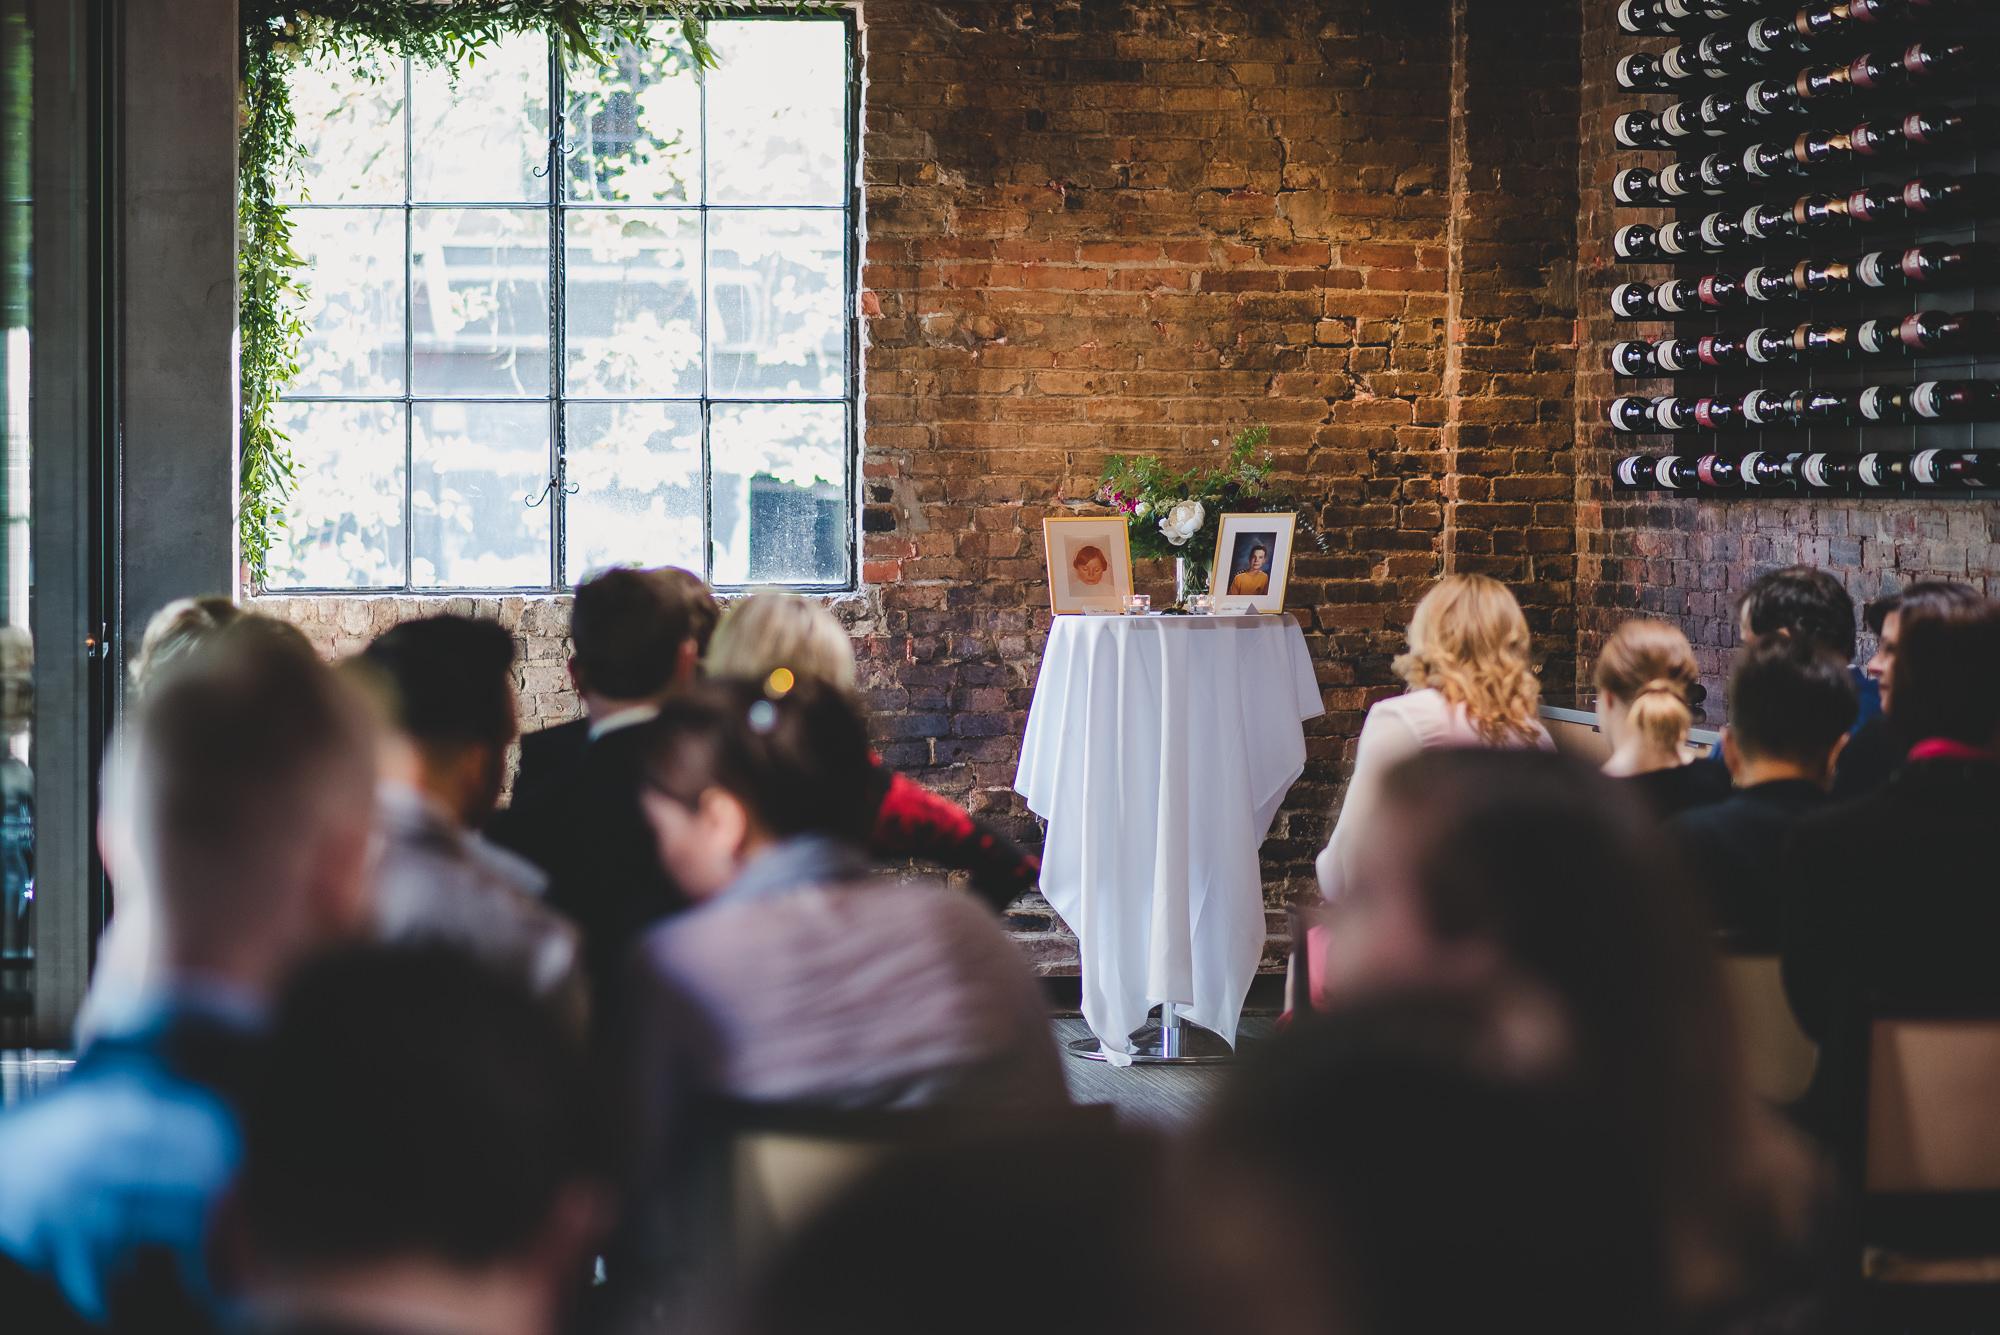 Labattoir-Gastown-wedding-photo-4.jpg